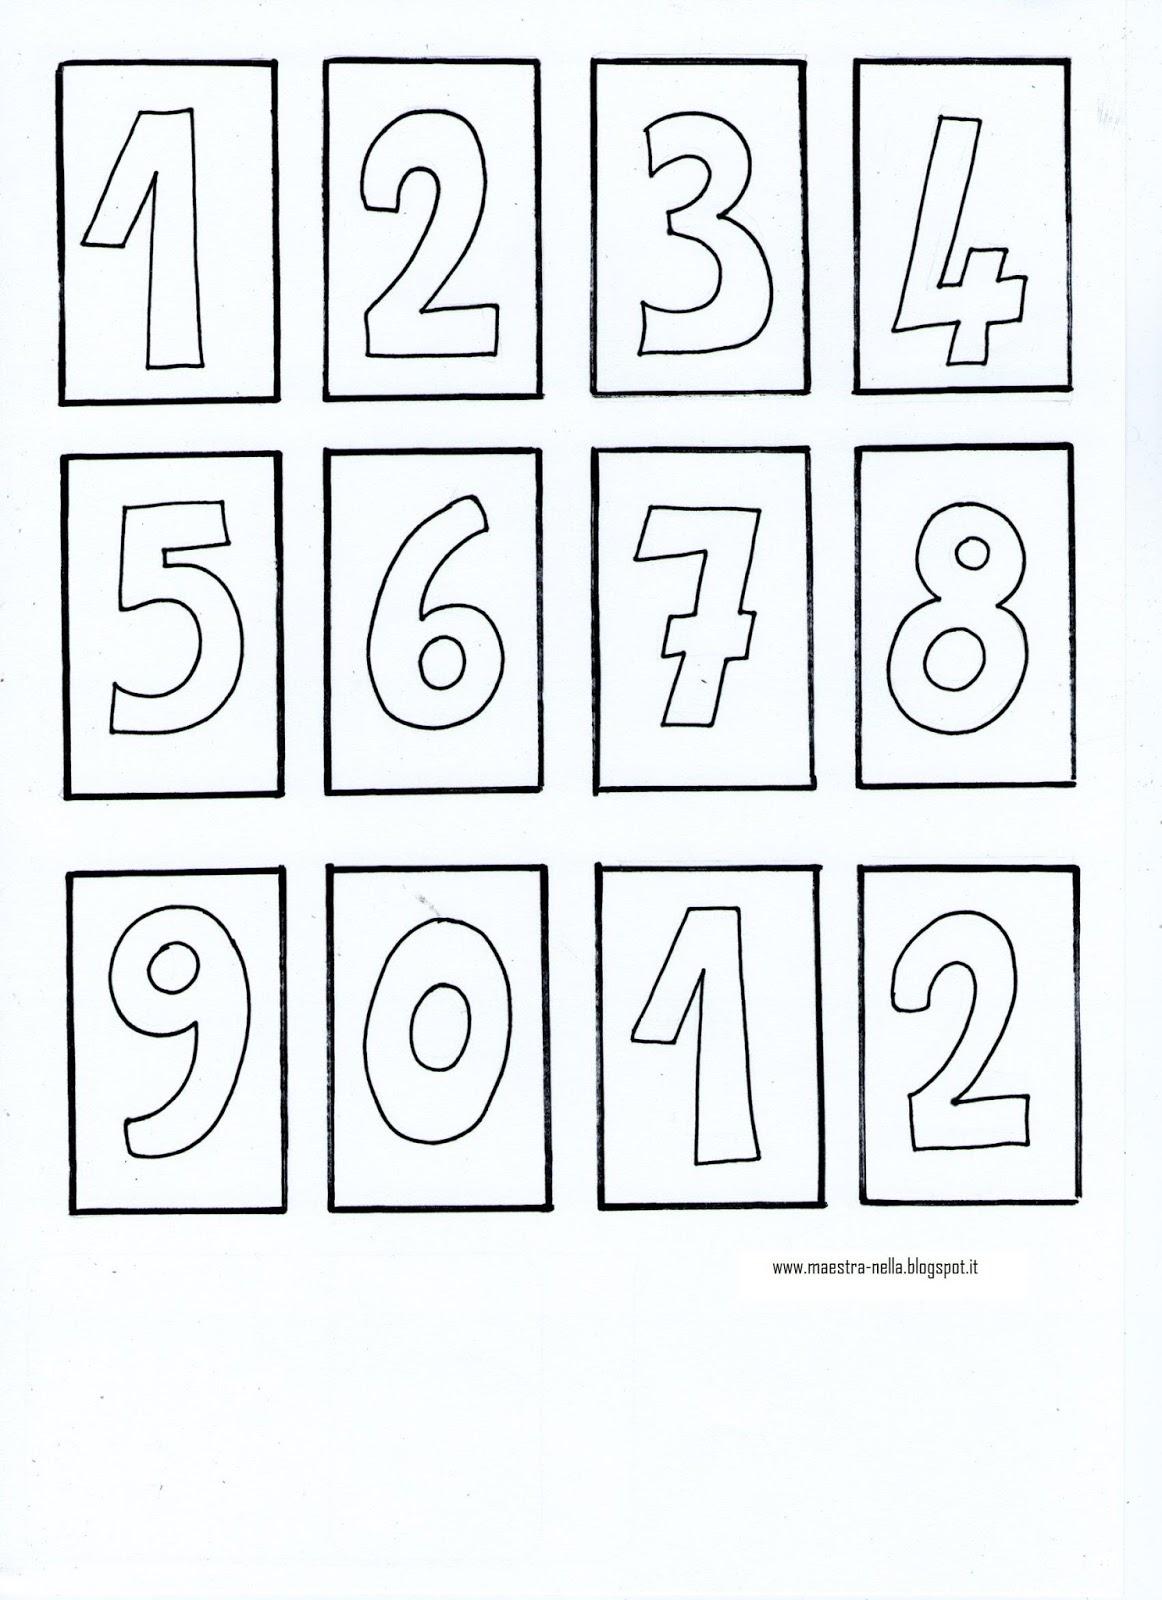 Calendario Solo Numeri.Maestra Nella Il Calendario